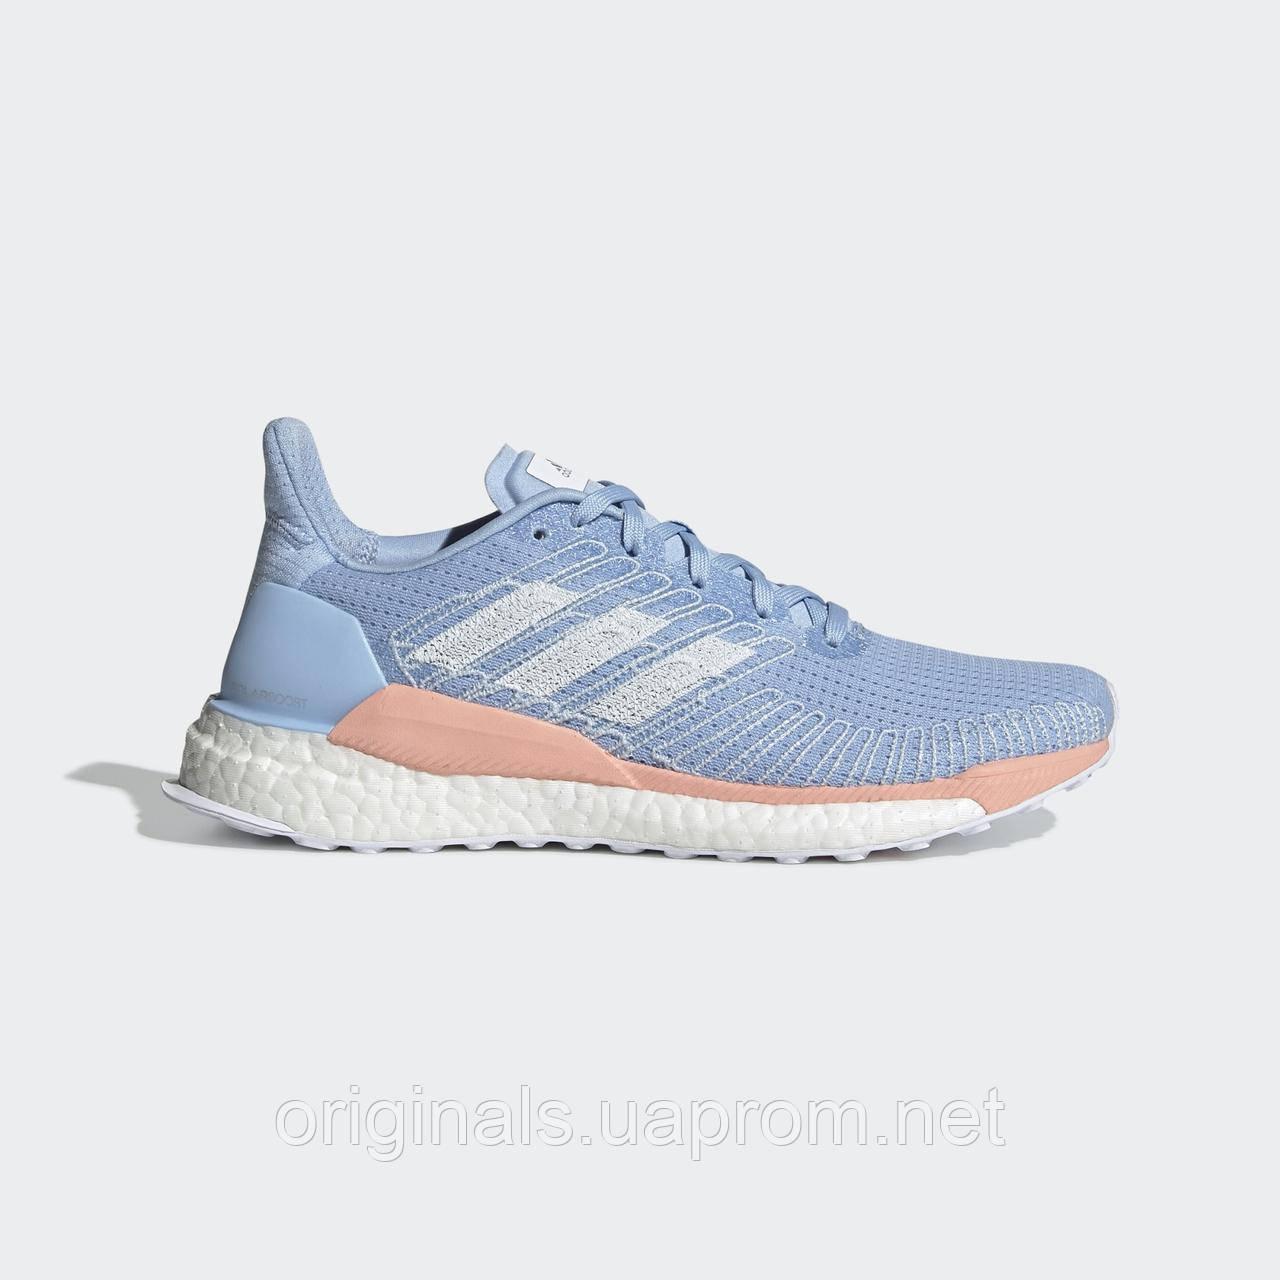 Женские кроссовки Adidas SolarBoost 19 G28034